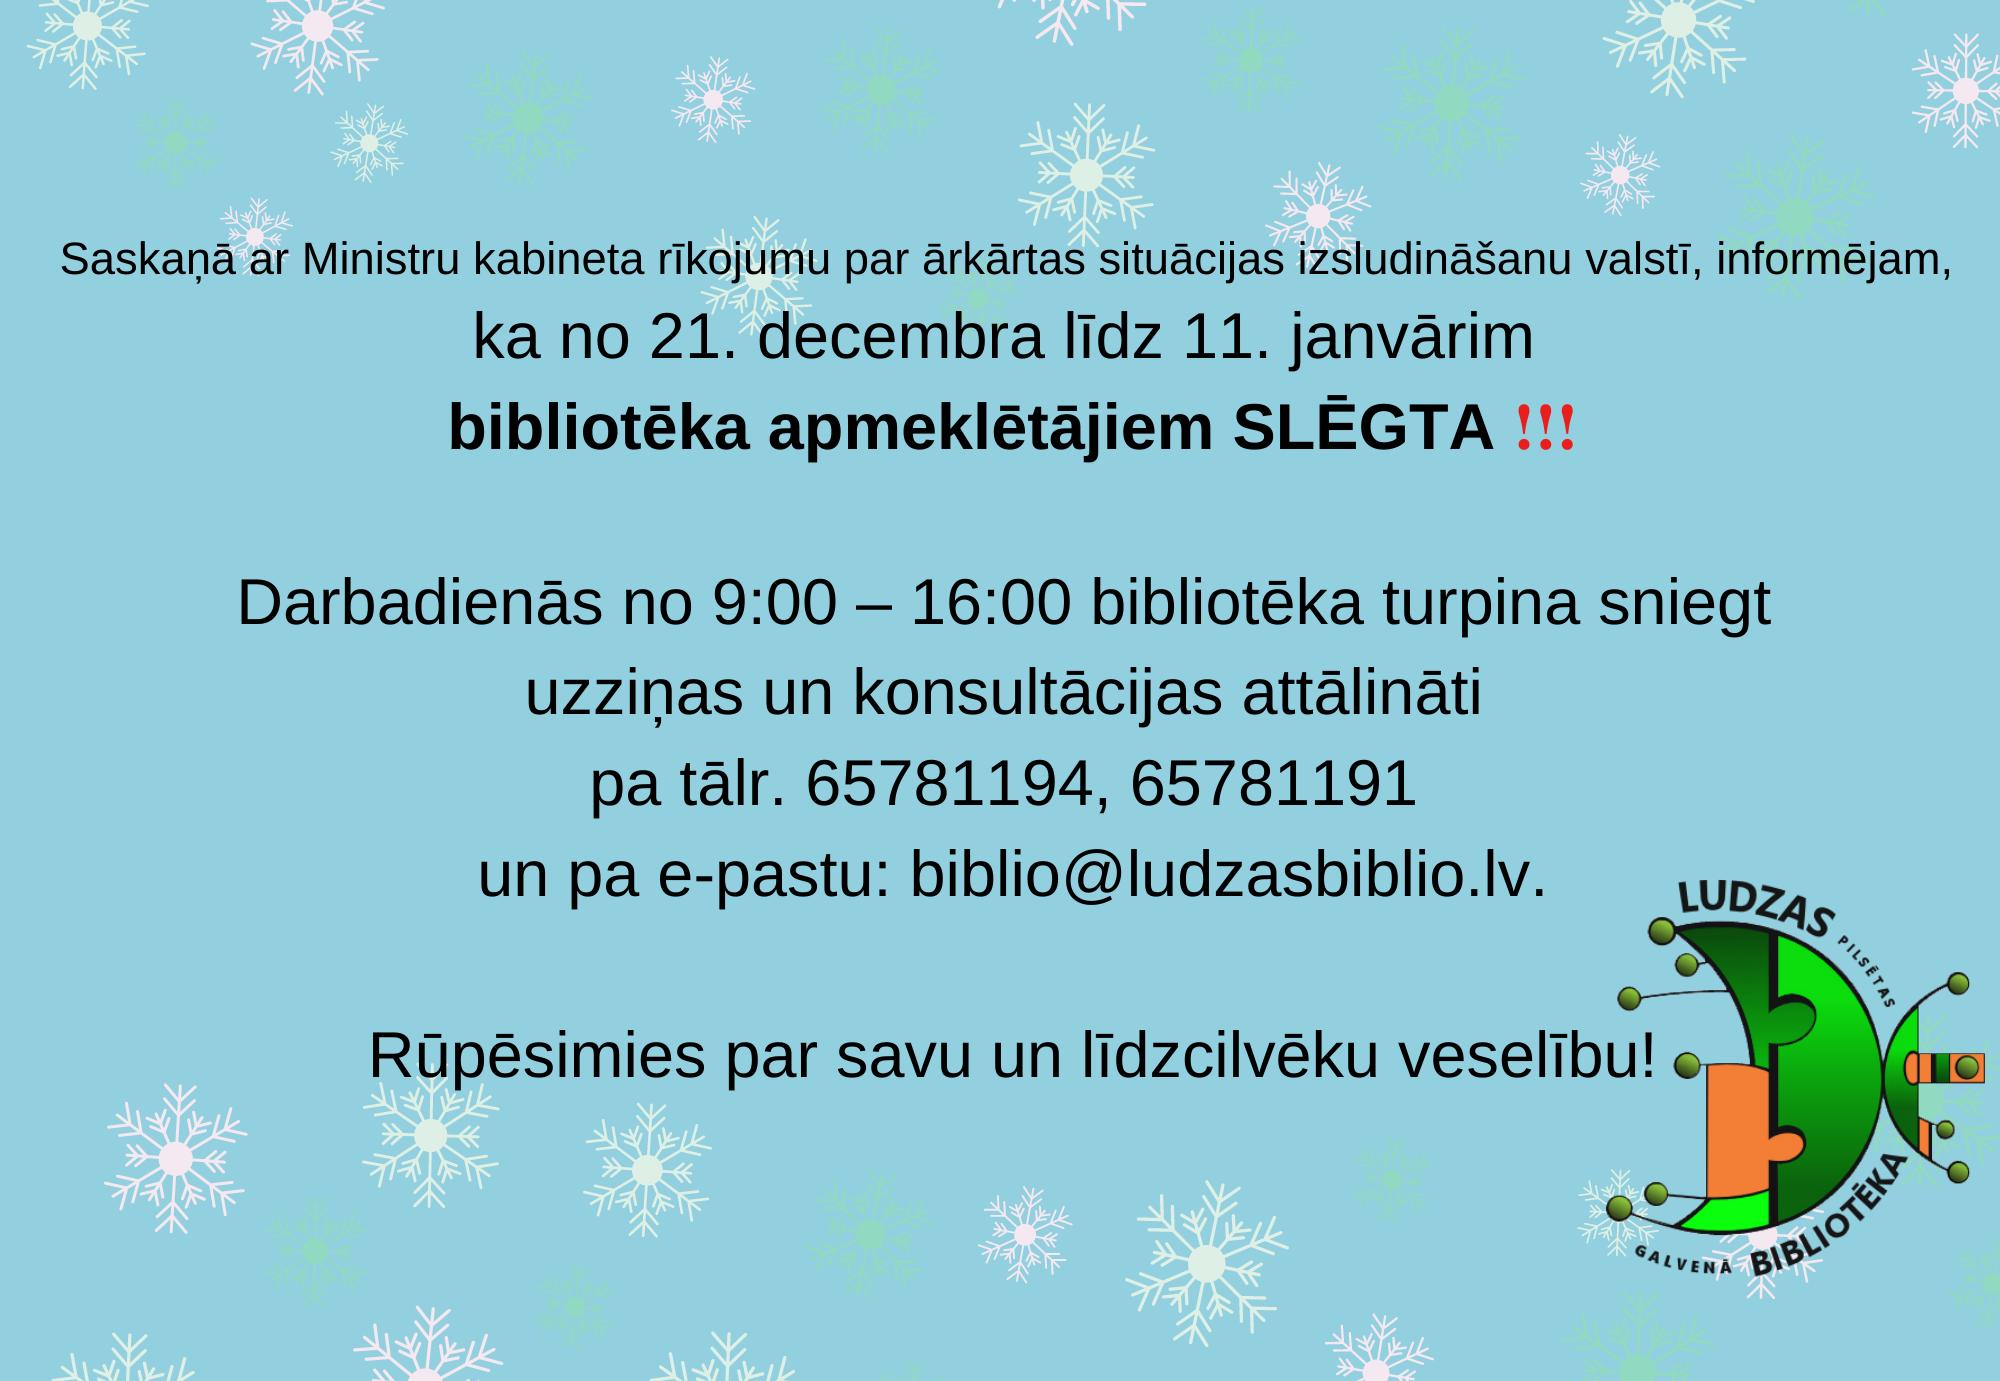 No 21. decembra līdz 11. janvārim bibliotēka slēgta